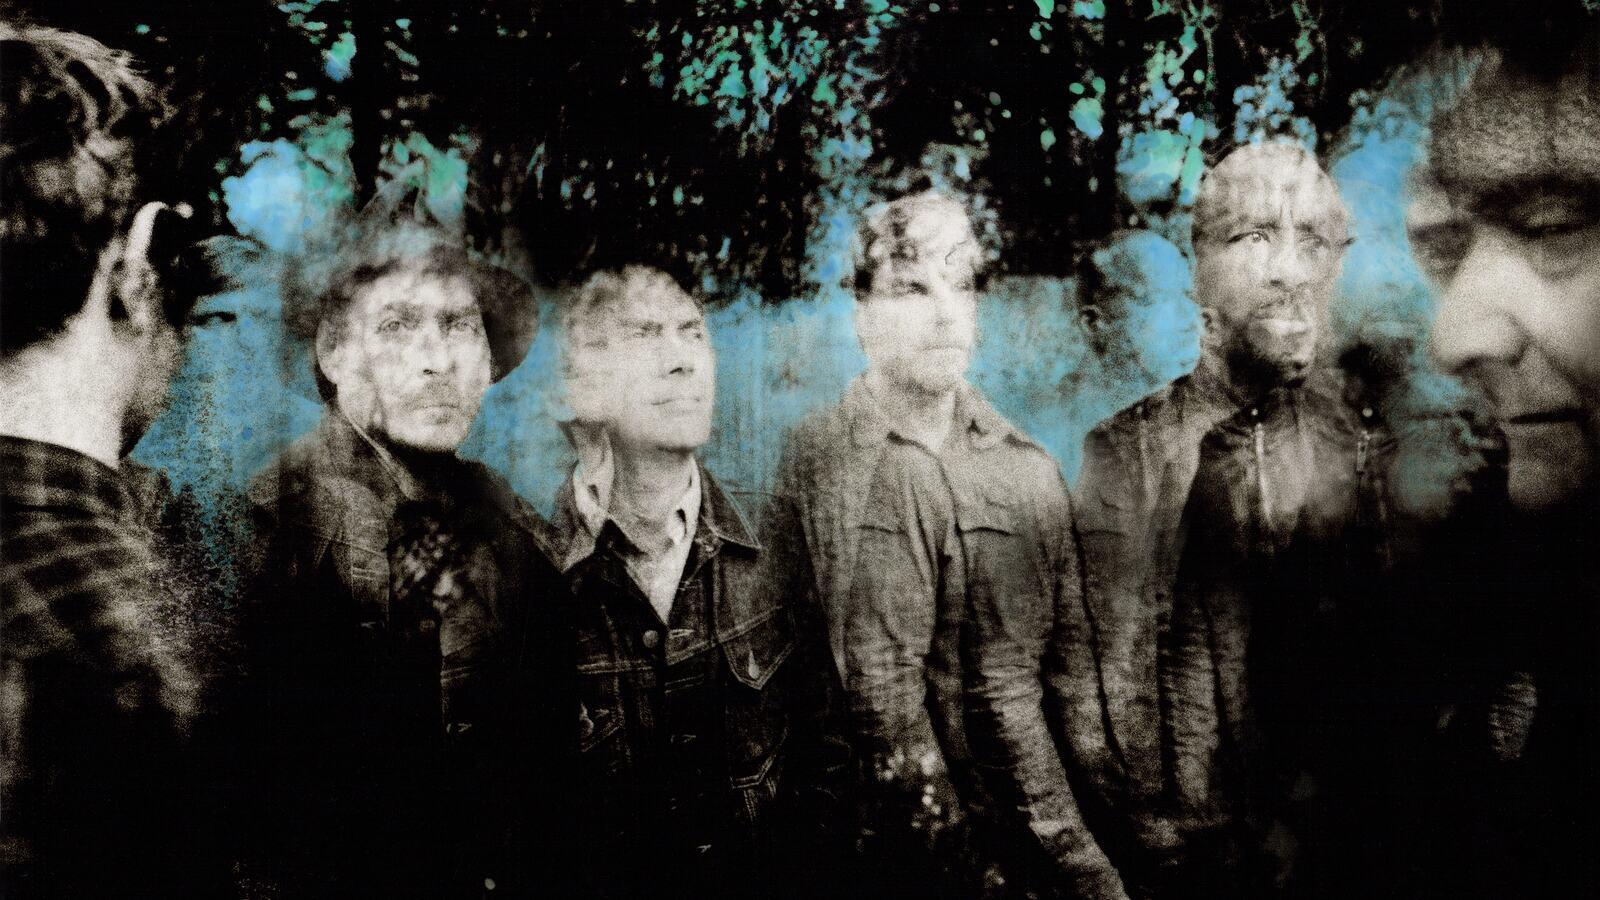 Tindersticks, Rock band